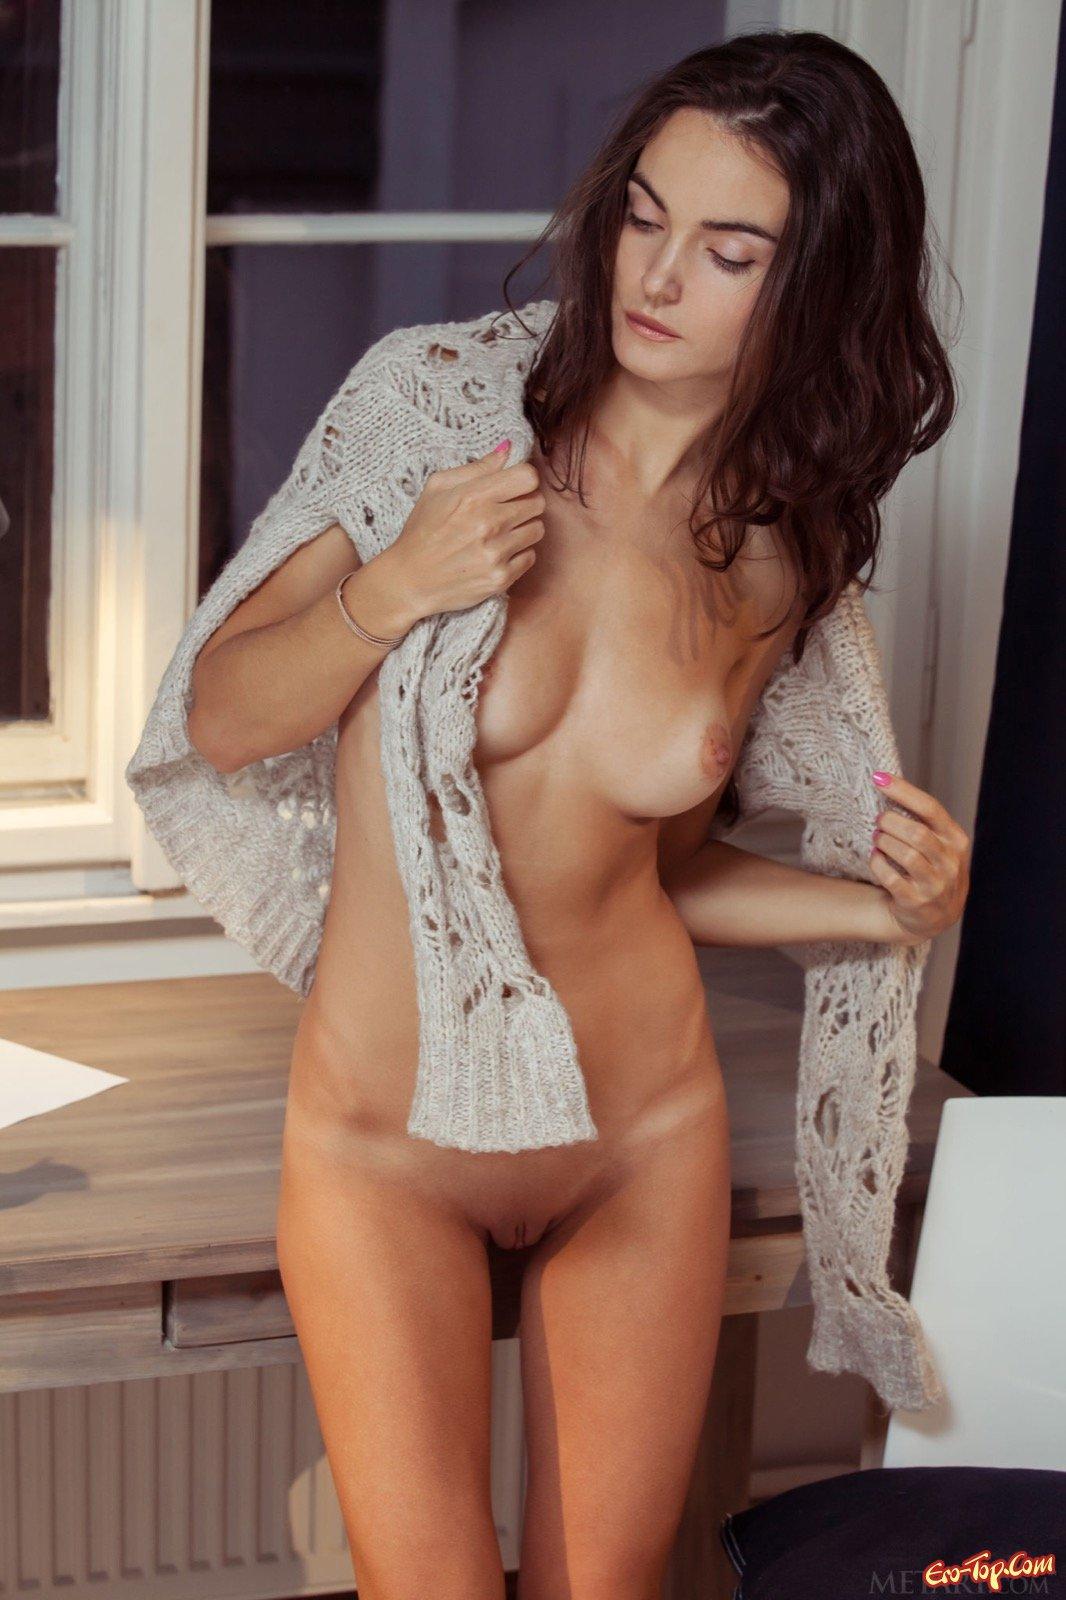 Милашка в чулках и нижнем белье сняла одежду около окна